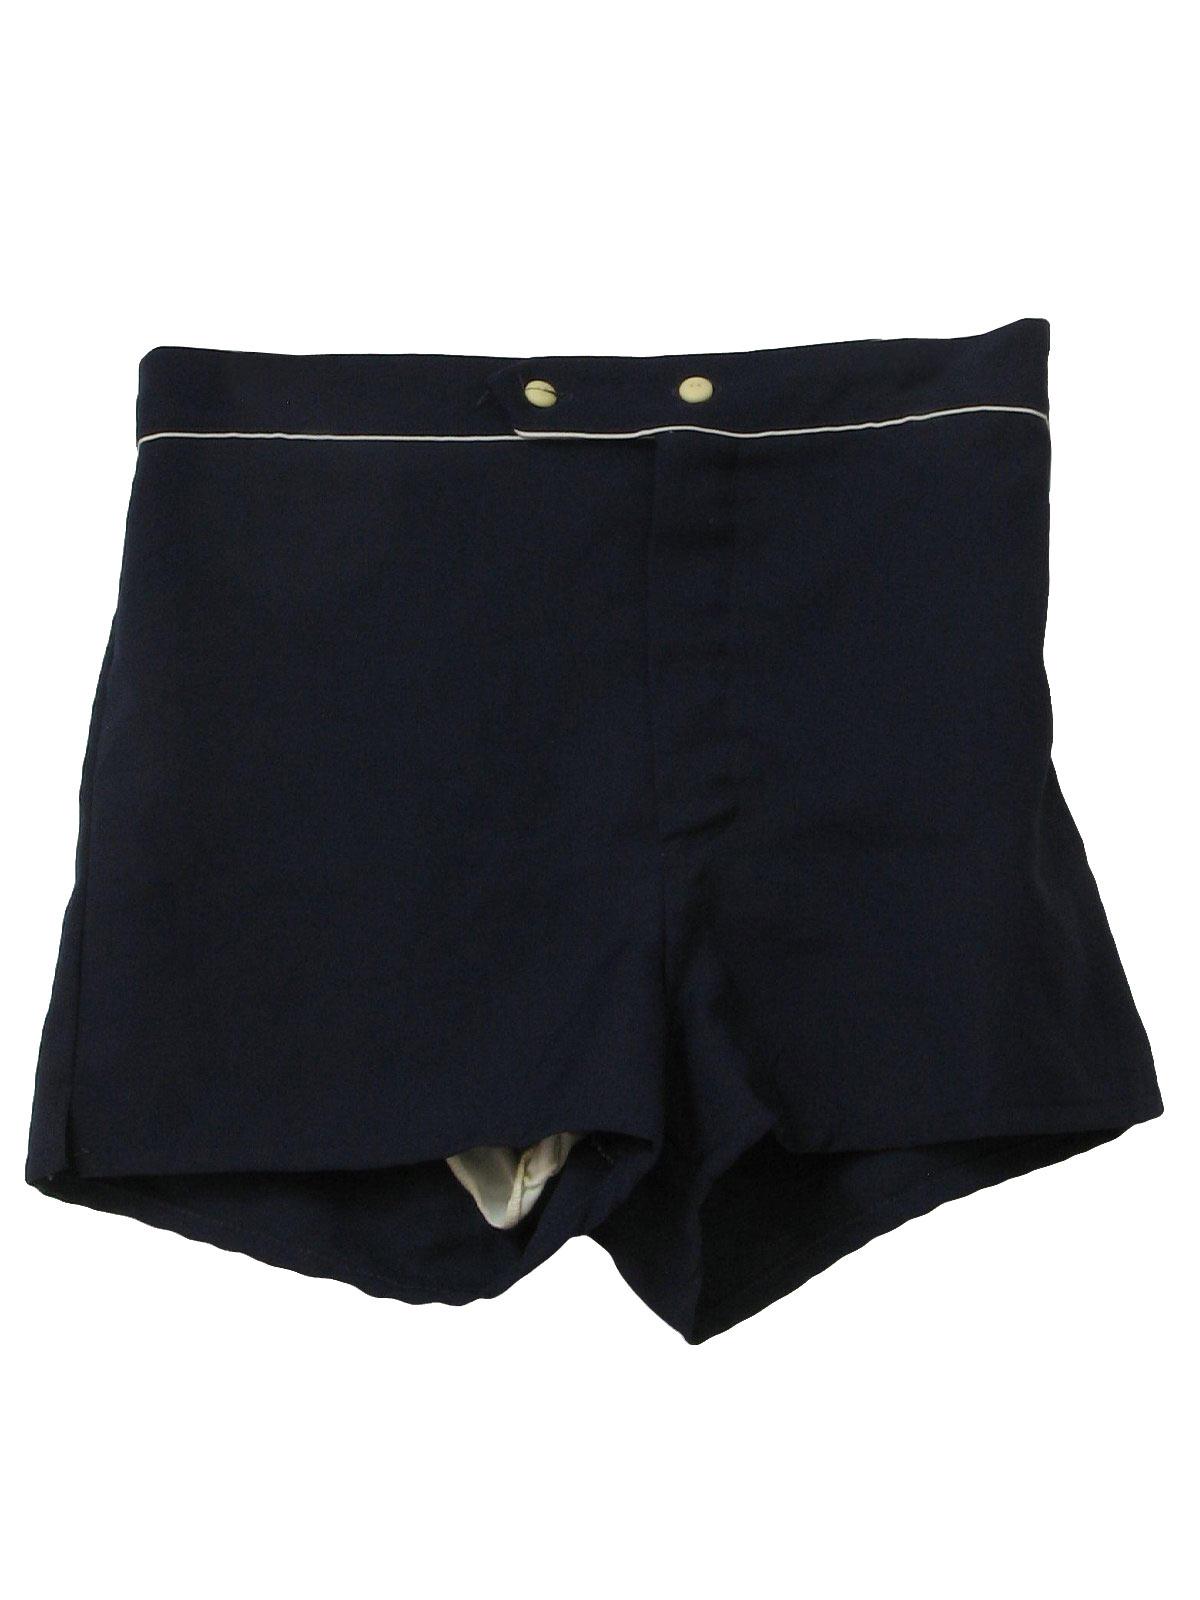 fcd57476d0 1970s Vintage Swimsuit/Swimwear: Early 70s -JCPenney- Mens dark blue ...